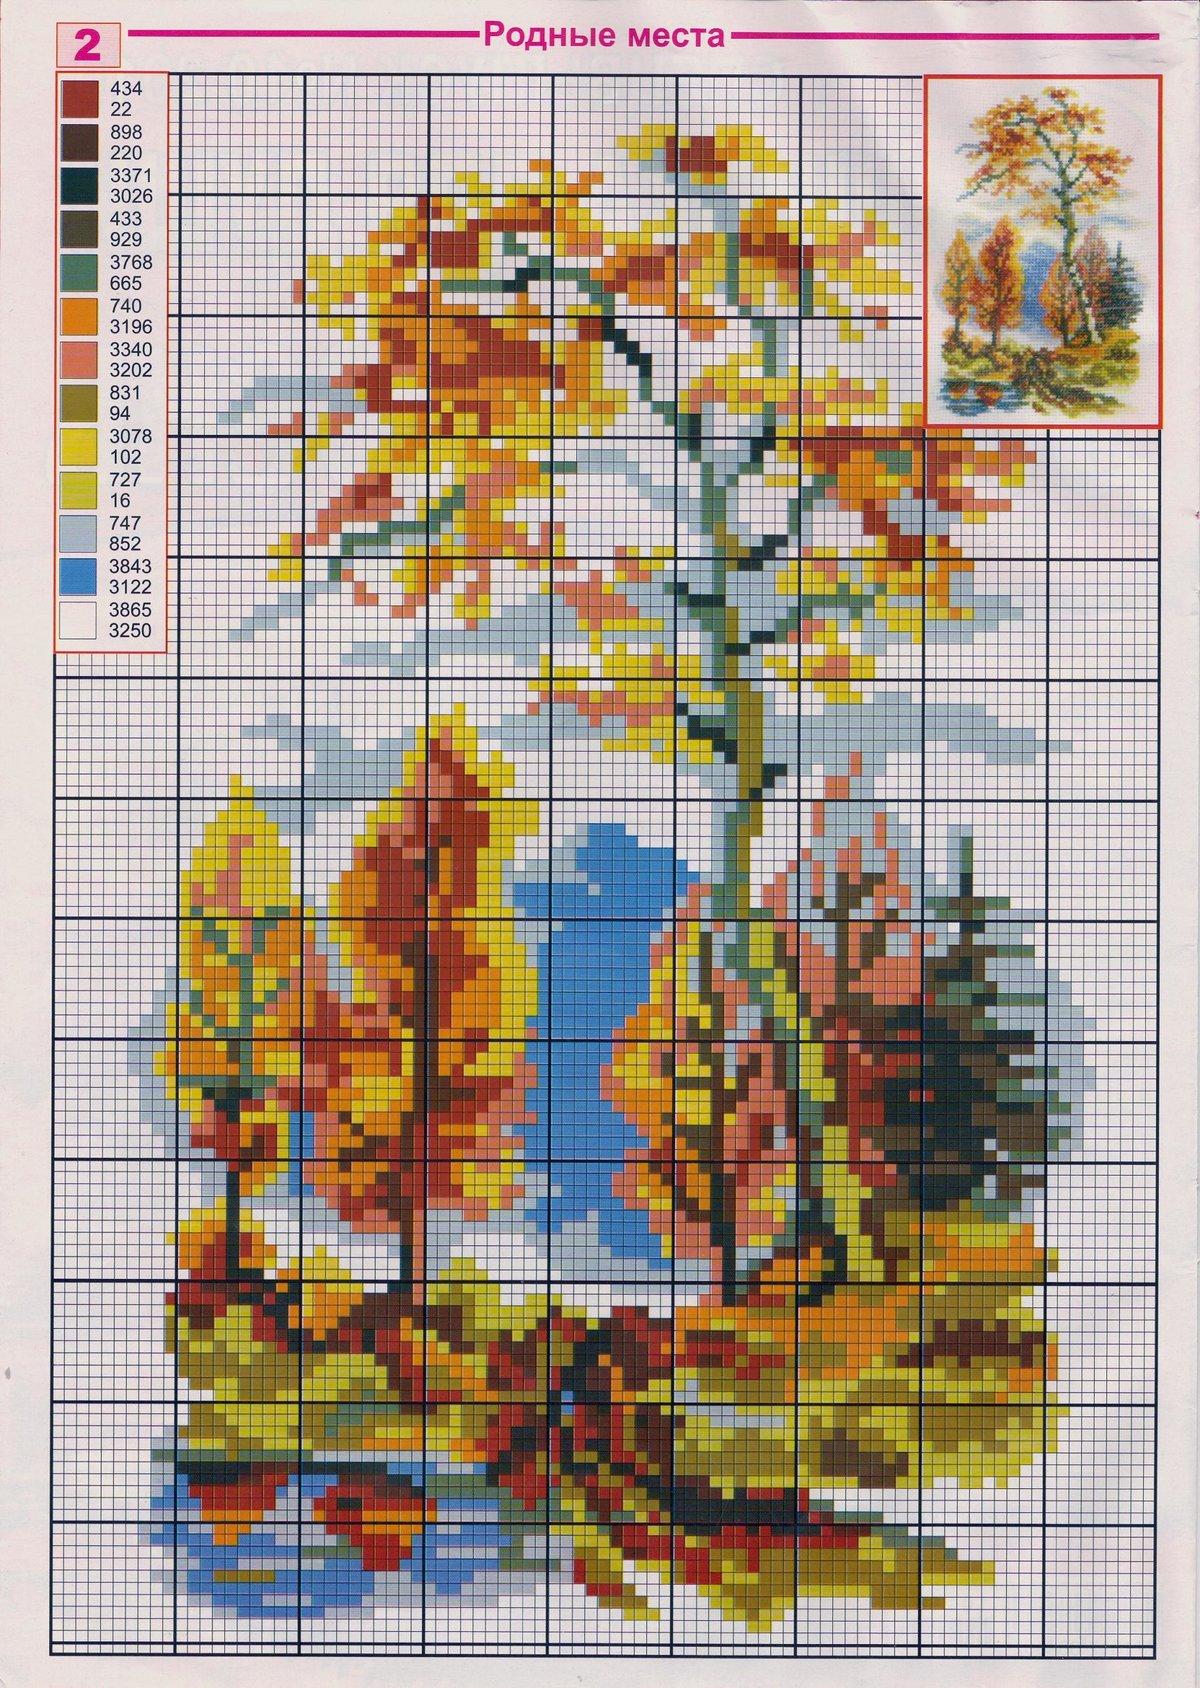 Вышивка крестиком схемы картинки природа, все